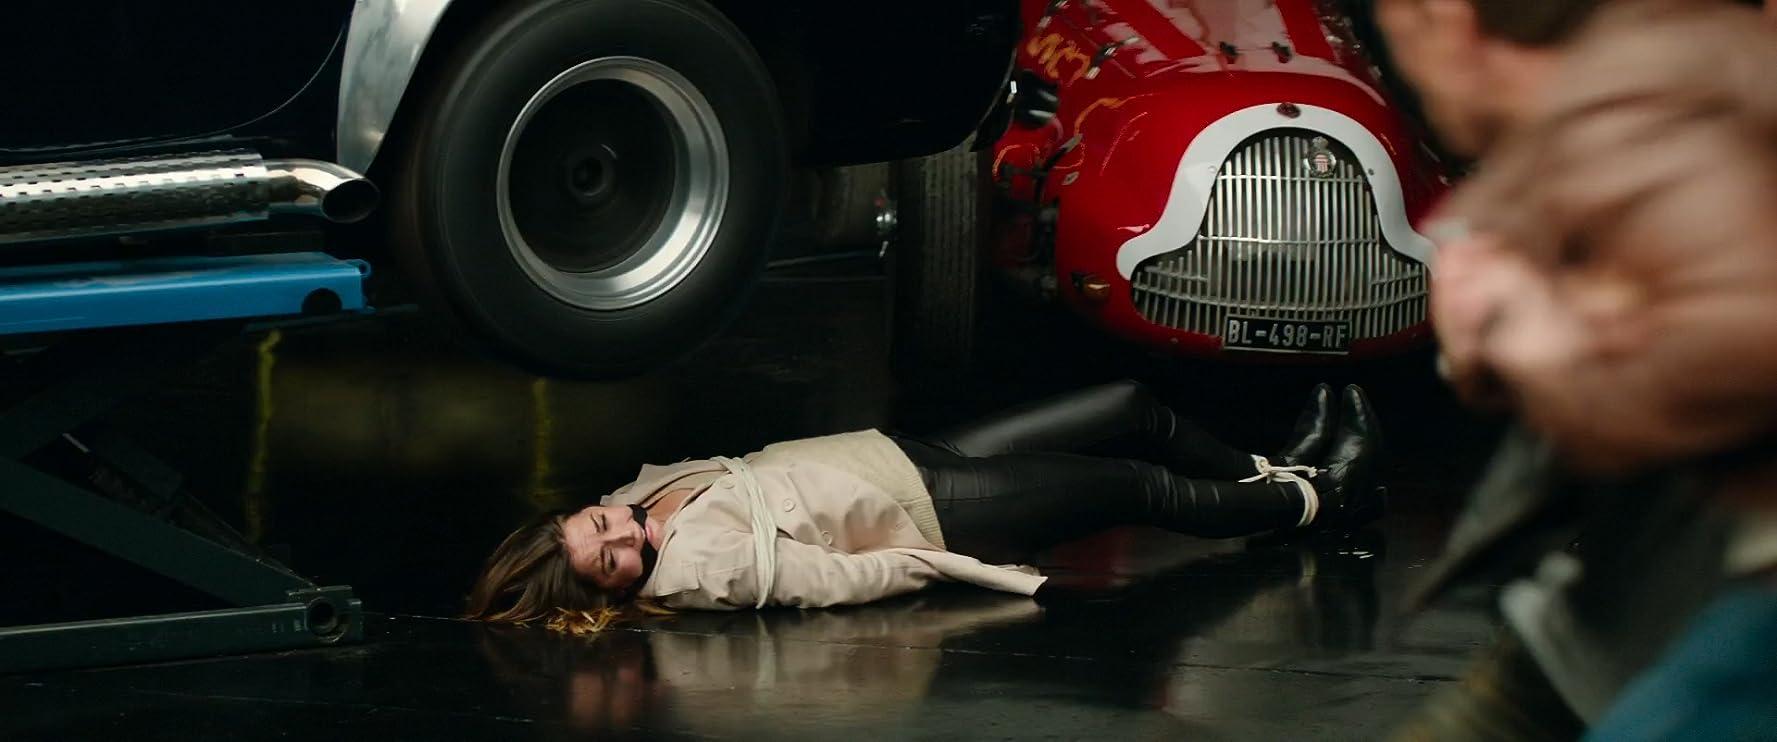 Ana de Armas in Overdrive (2017)